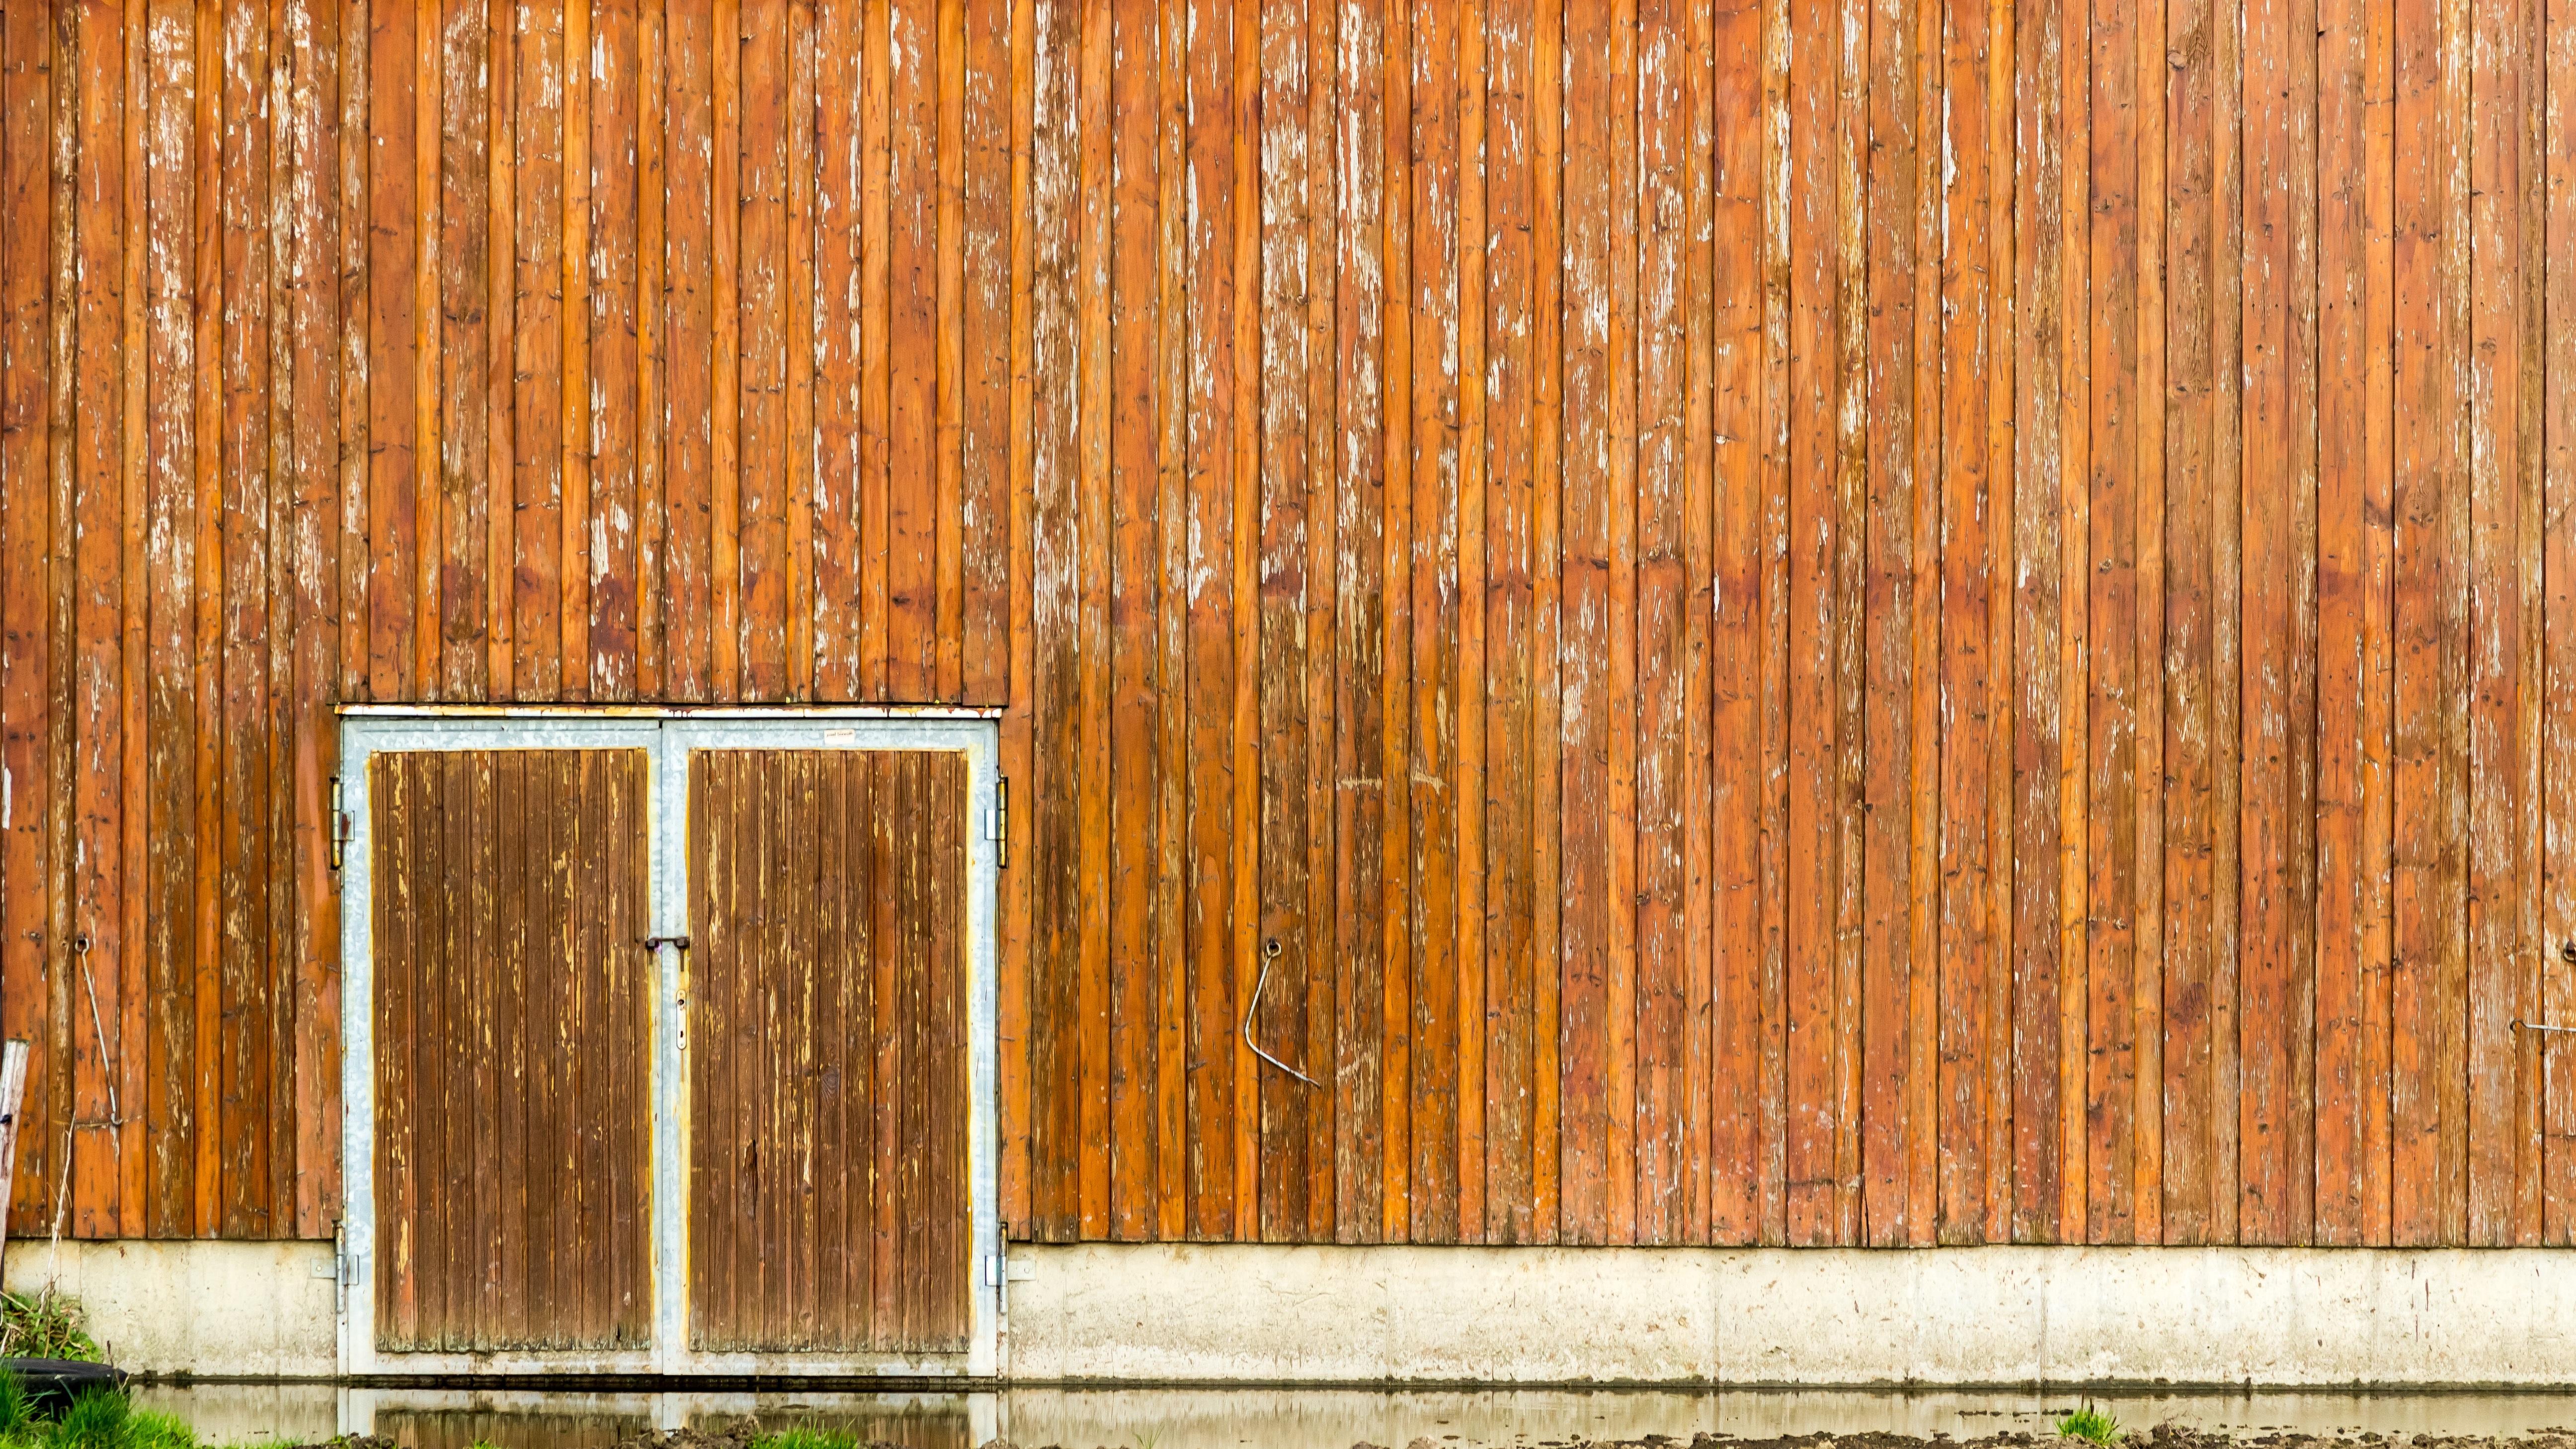 無料画像 フェンス 建築 木材 ファーム ファサード ドア ゴール 風化した インテリア デザイン バックグラウンド 広葉樹 壁紙 入力 オスワンド 木の壁 床材 木製フローリング 窓覆い 屋外構造 ラミネートフローリング 木目 木製ボードを塗装